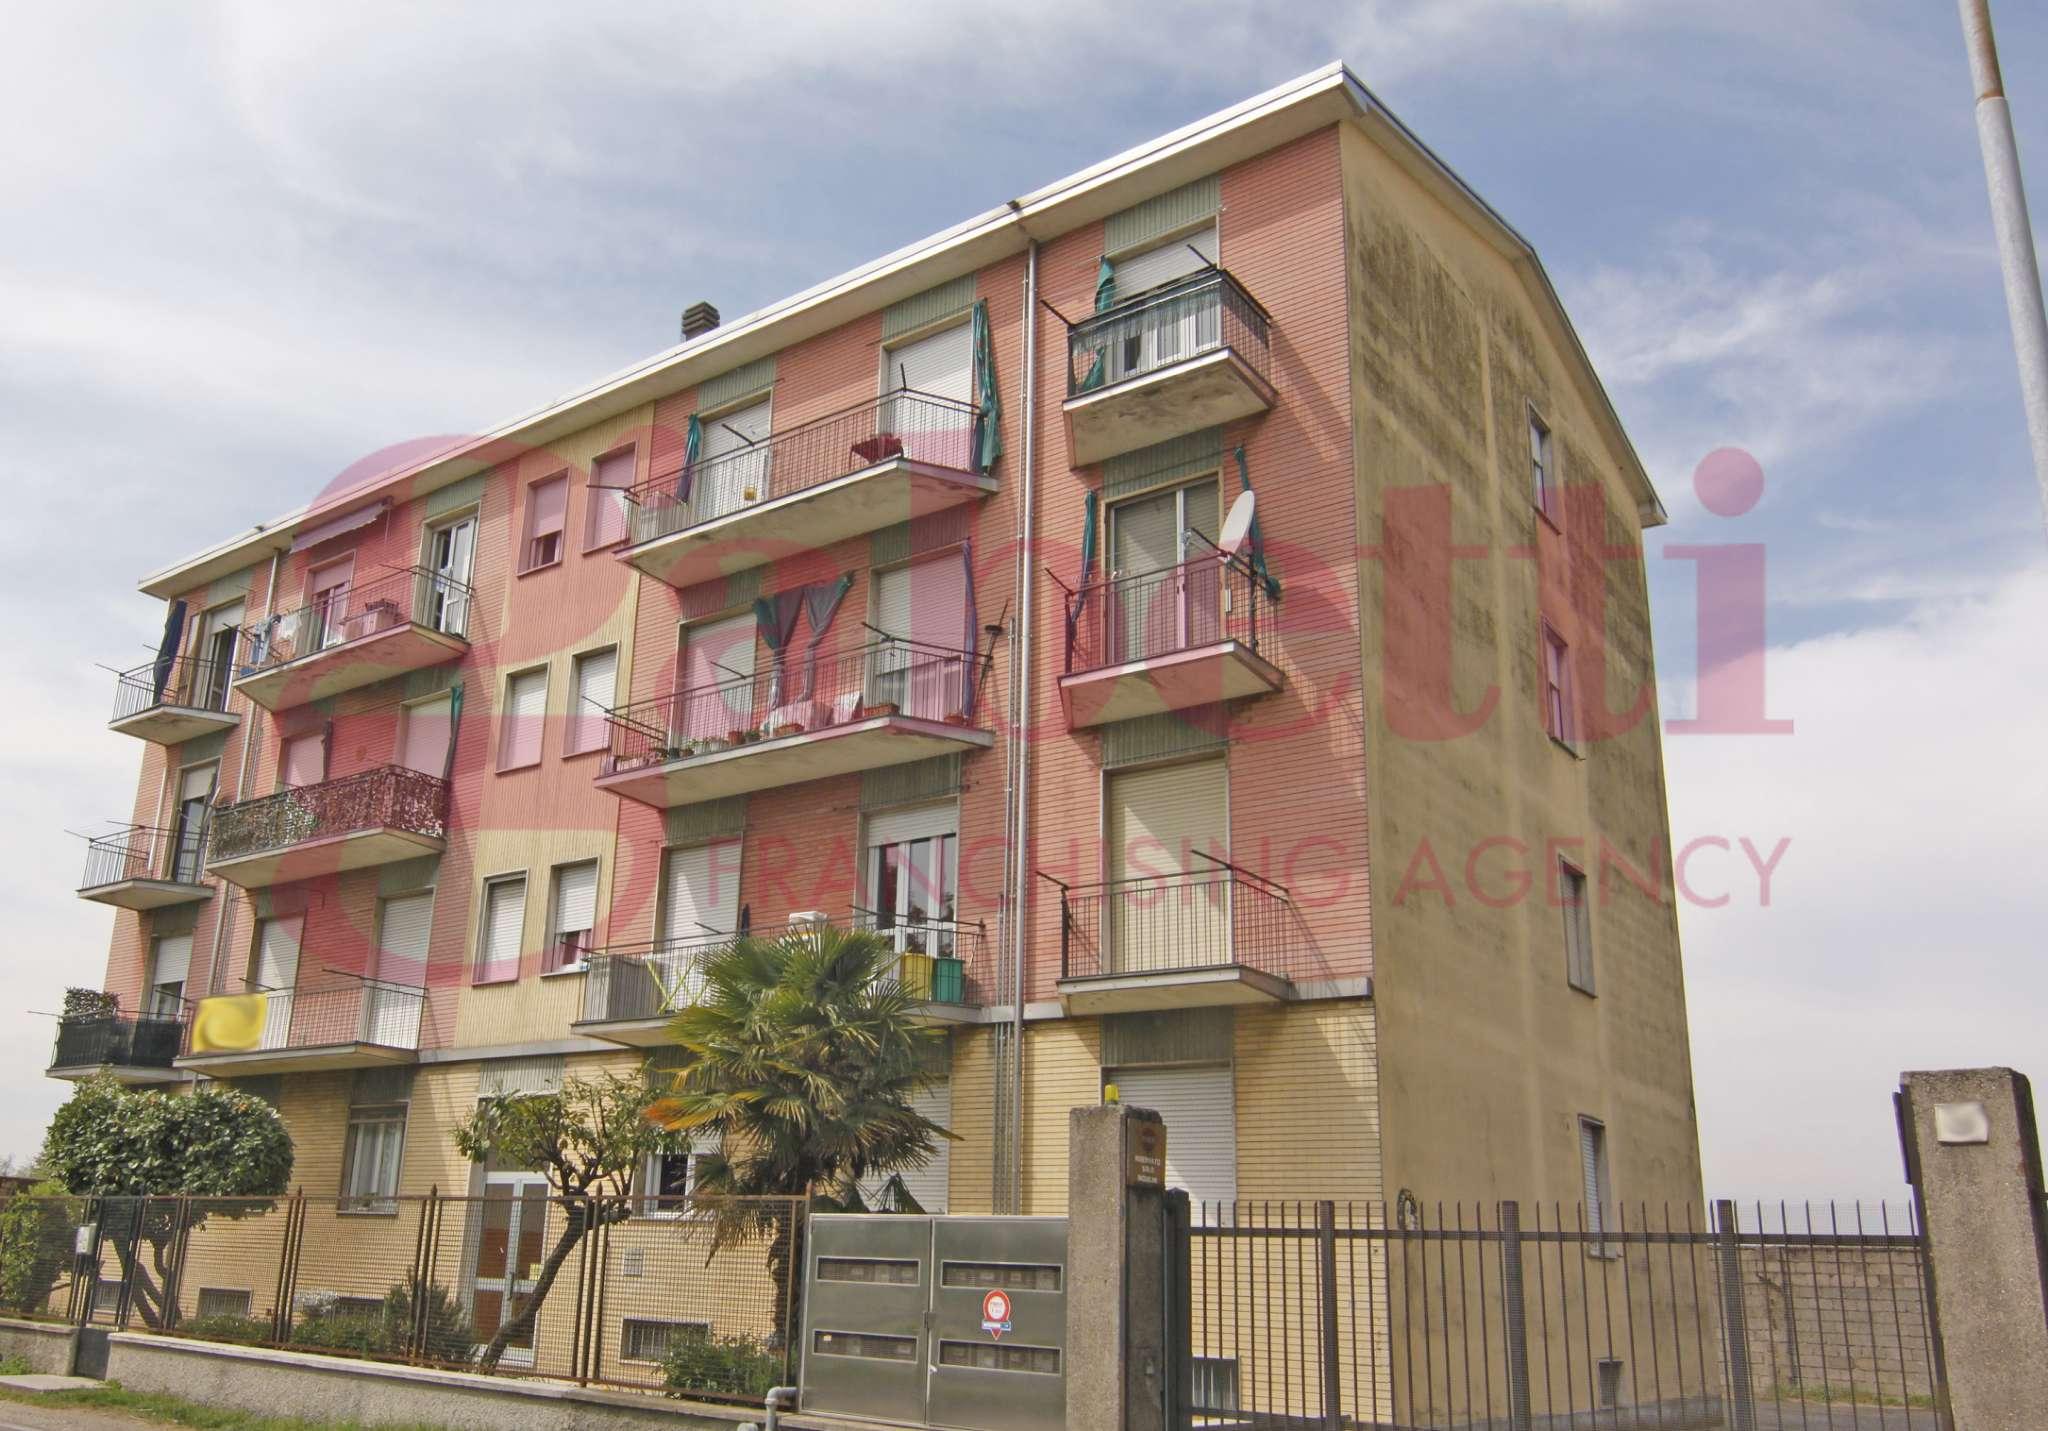 Appartamento in vendita a Busto Garolfo, 2 locali, prezzo € 65.000 | CambioCasa.it